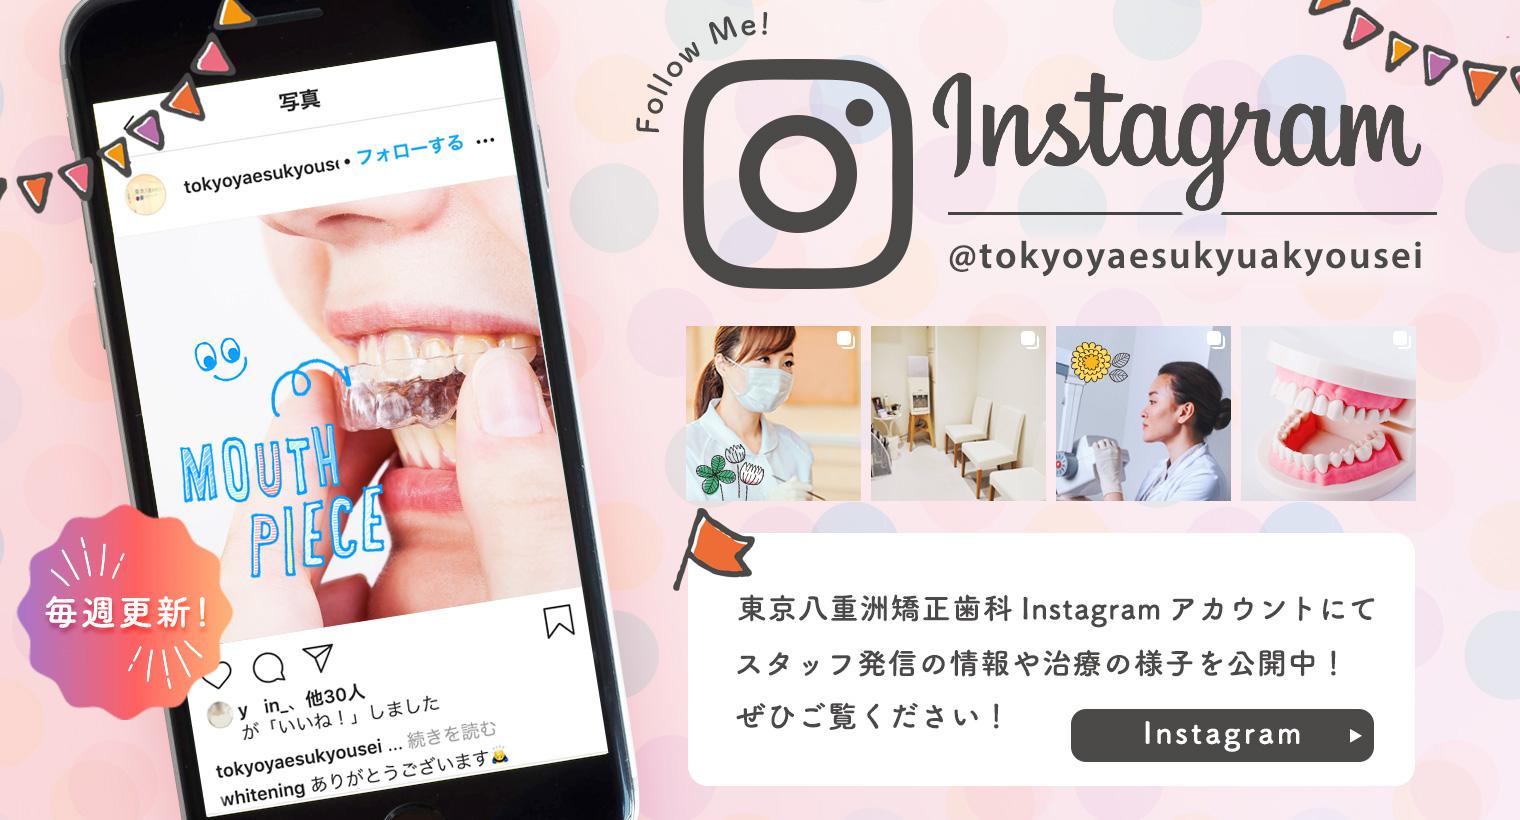 東京八重洲キュア矯正歯科 デジタル精密矯正のメリットとは?